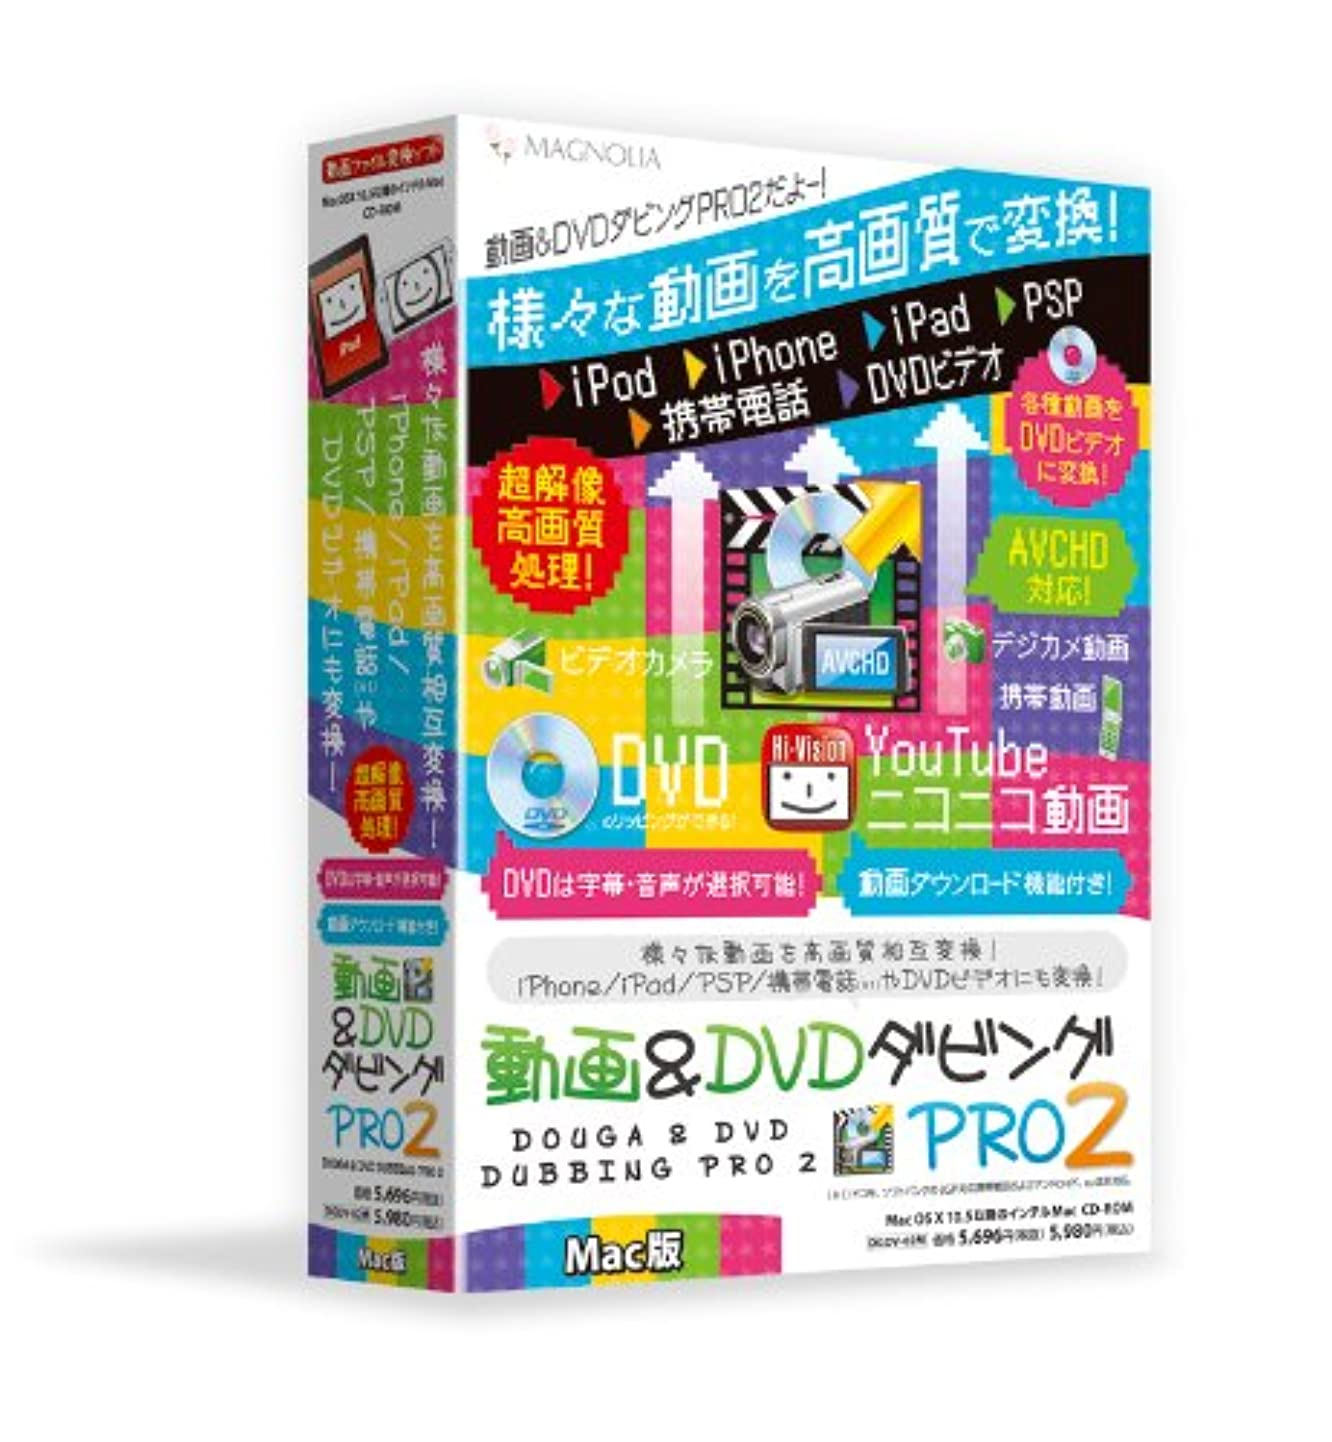 期限乳剤分子動画&DVDダビングPro2 Mac版